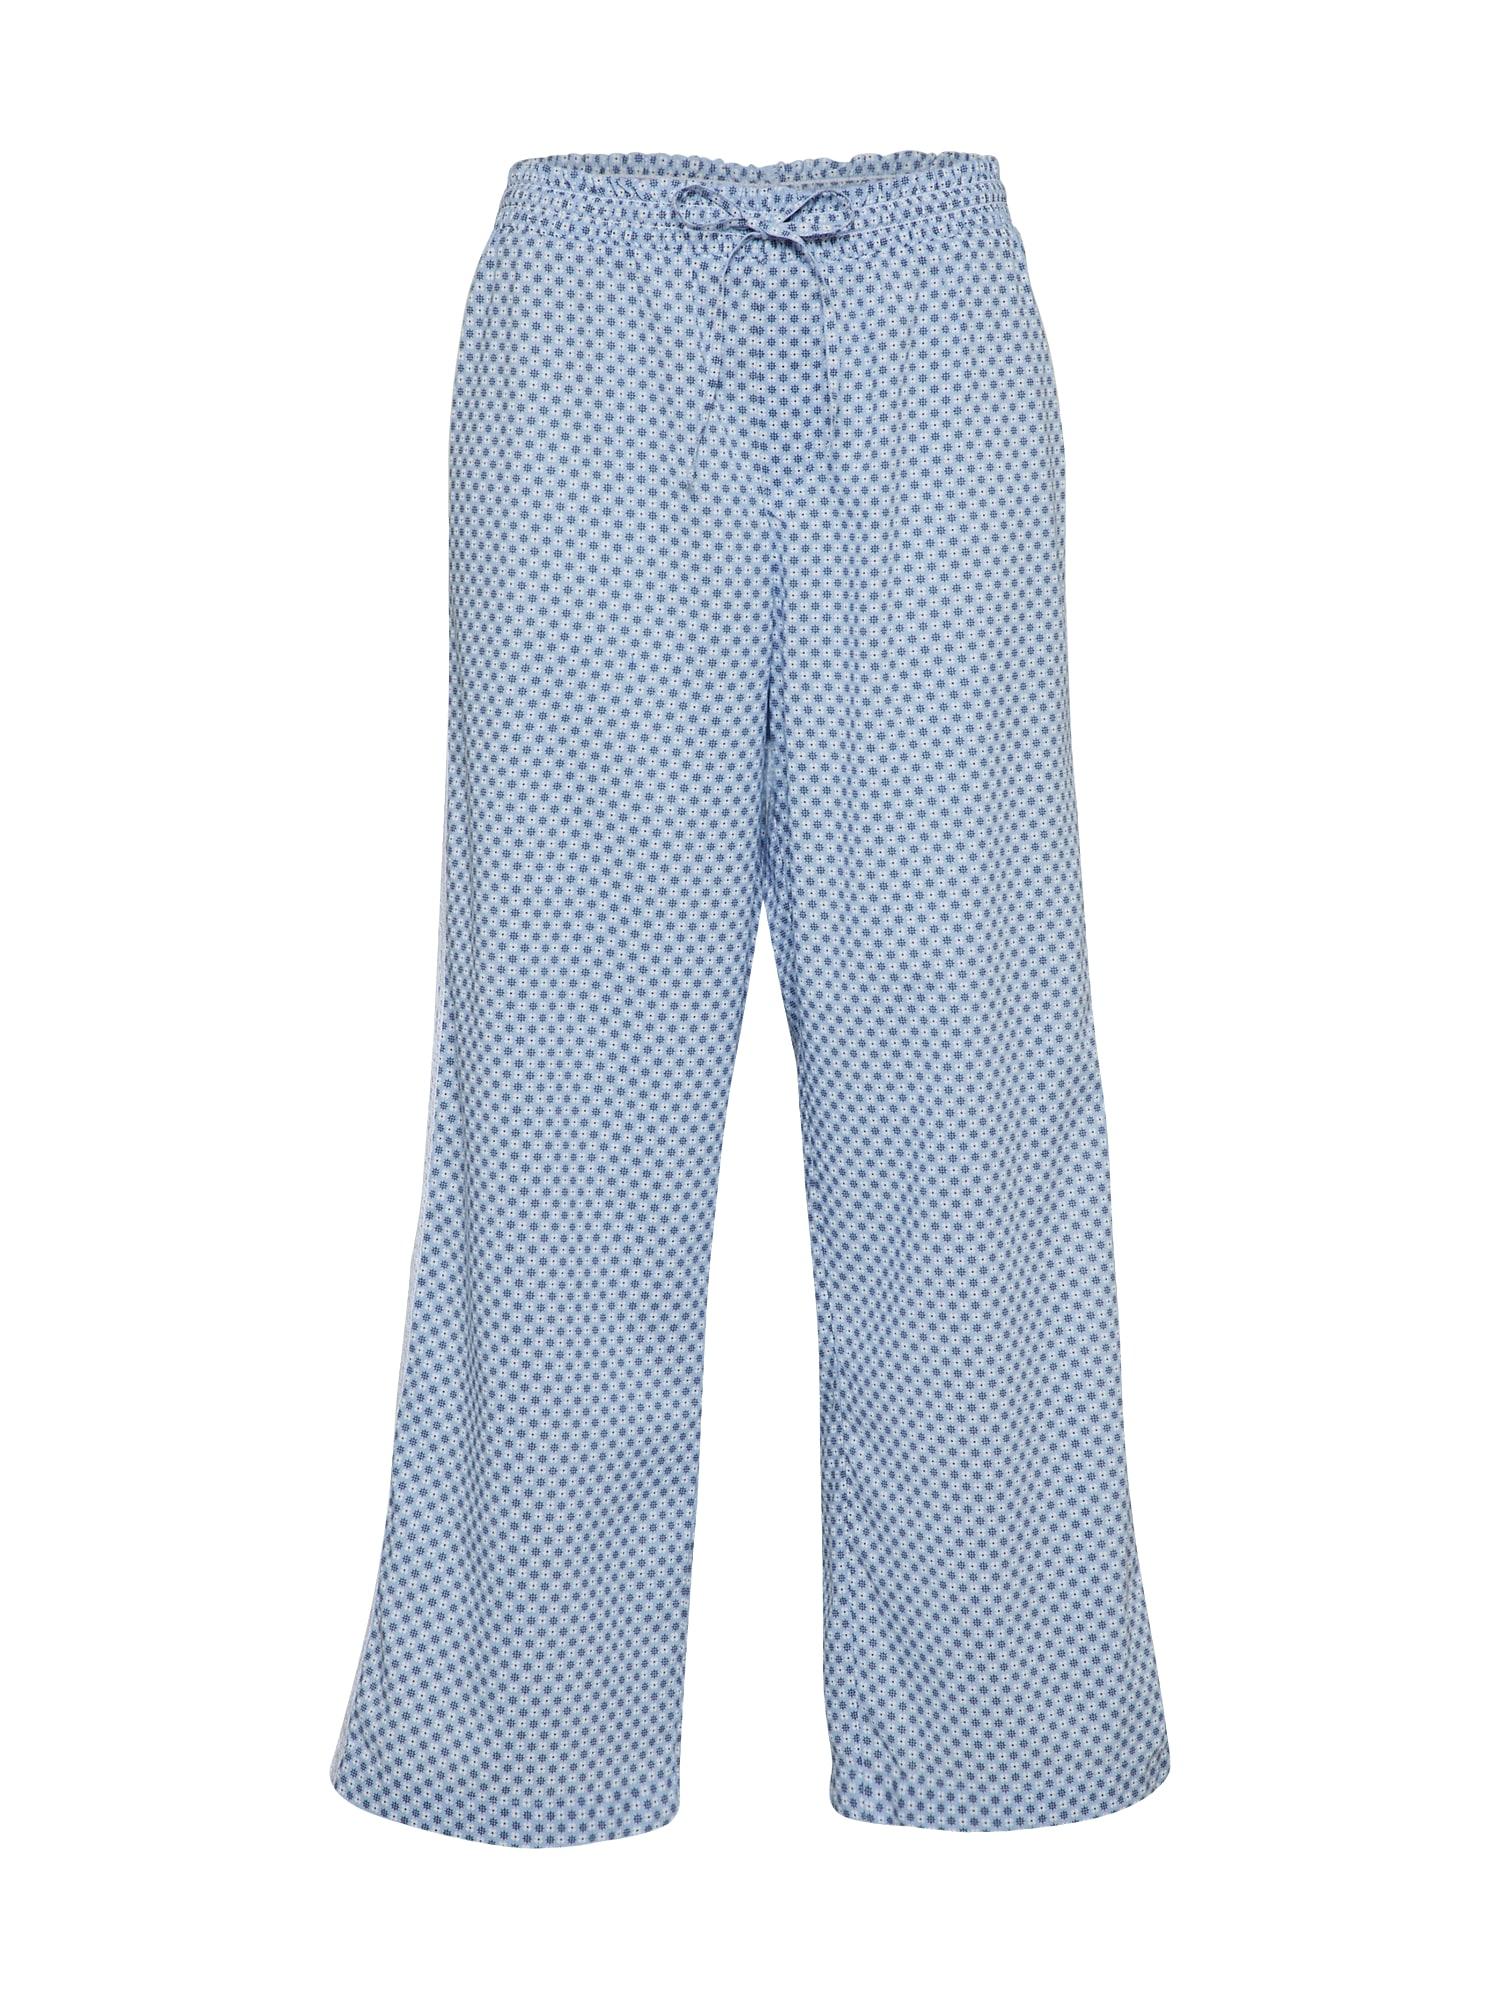 Pyžamové kalhoty LACE modrá GAP